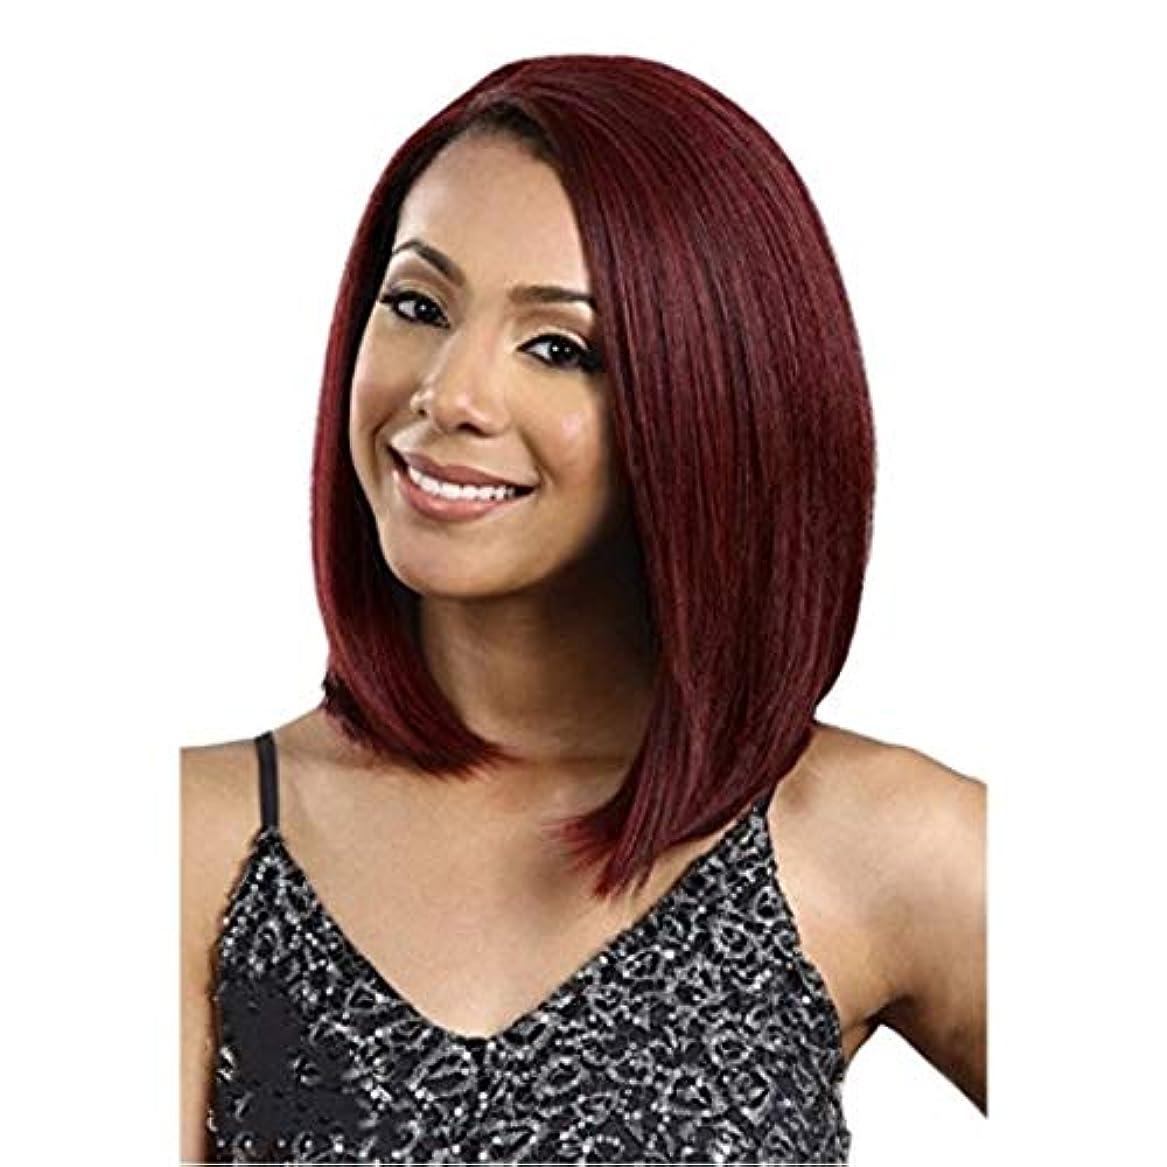 関連付ける山積みのチーターSummerys 女性のための前髪の髪のかつらとミディアムストレートヘアレッドウィッグヘッドギア耐熱合成かつら